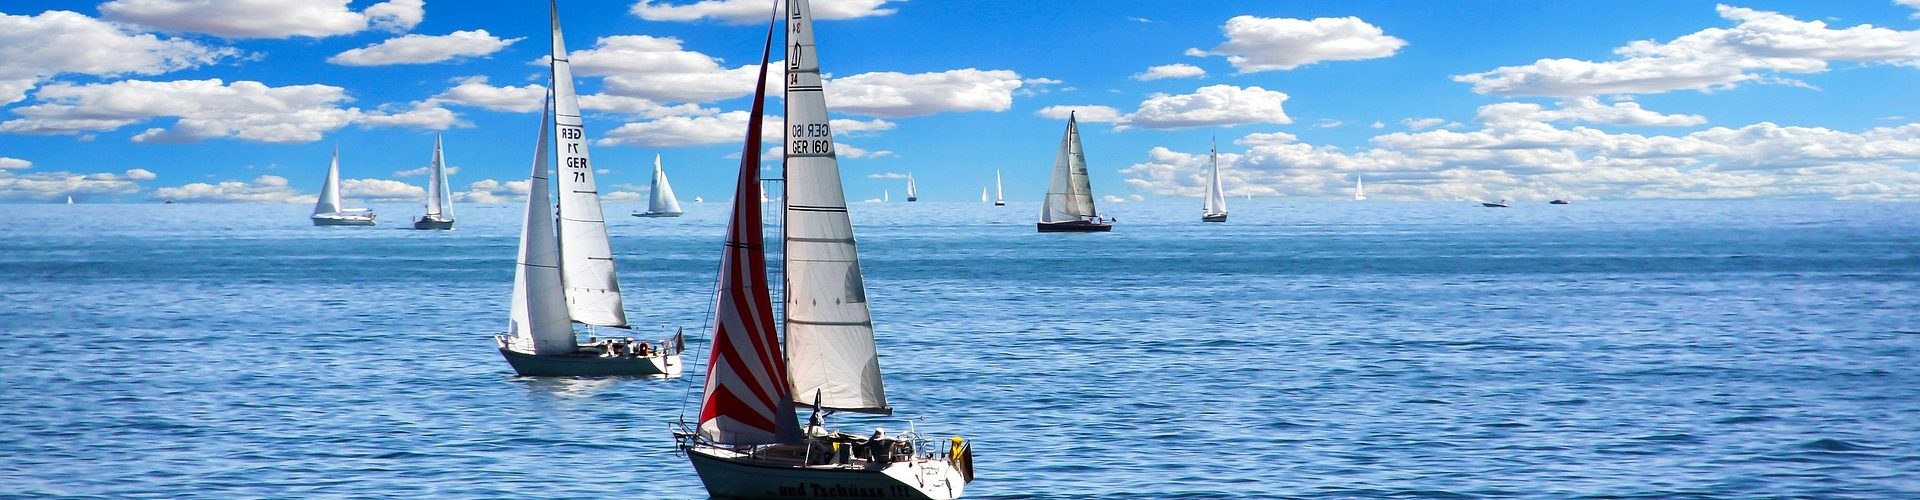 segeln lernen in Damp segelschein machen in Damp 1920x500 - Segeln lernen in Damp